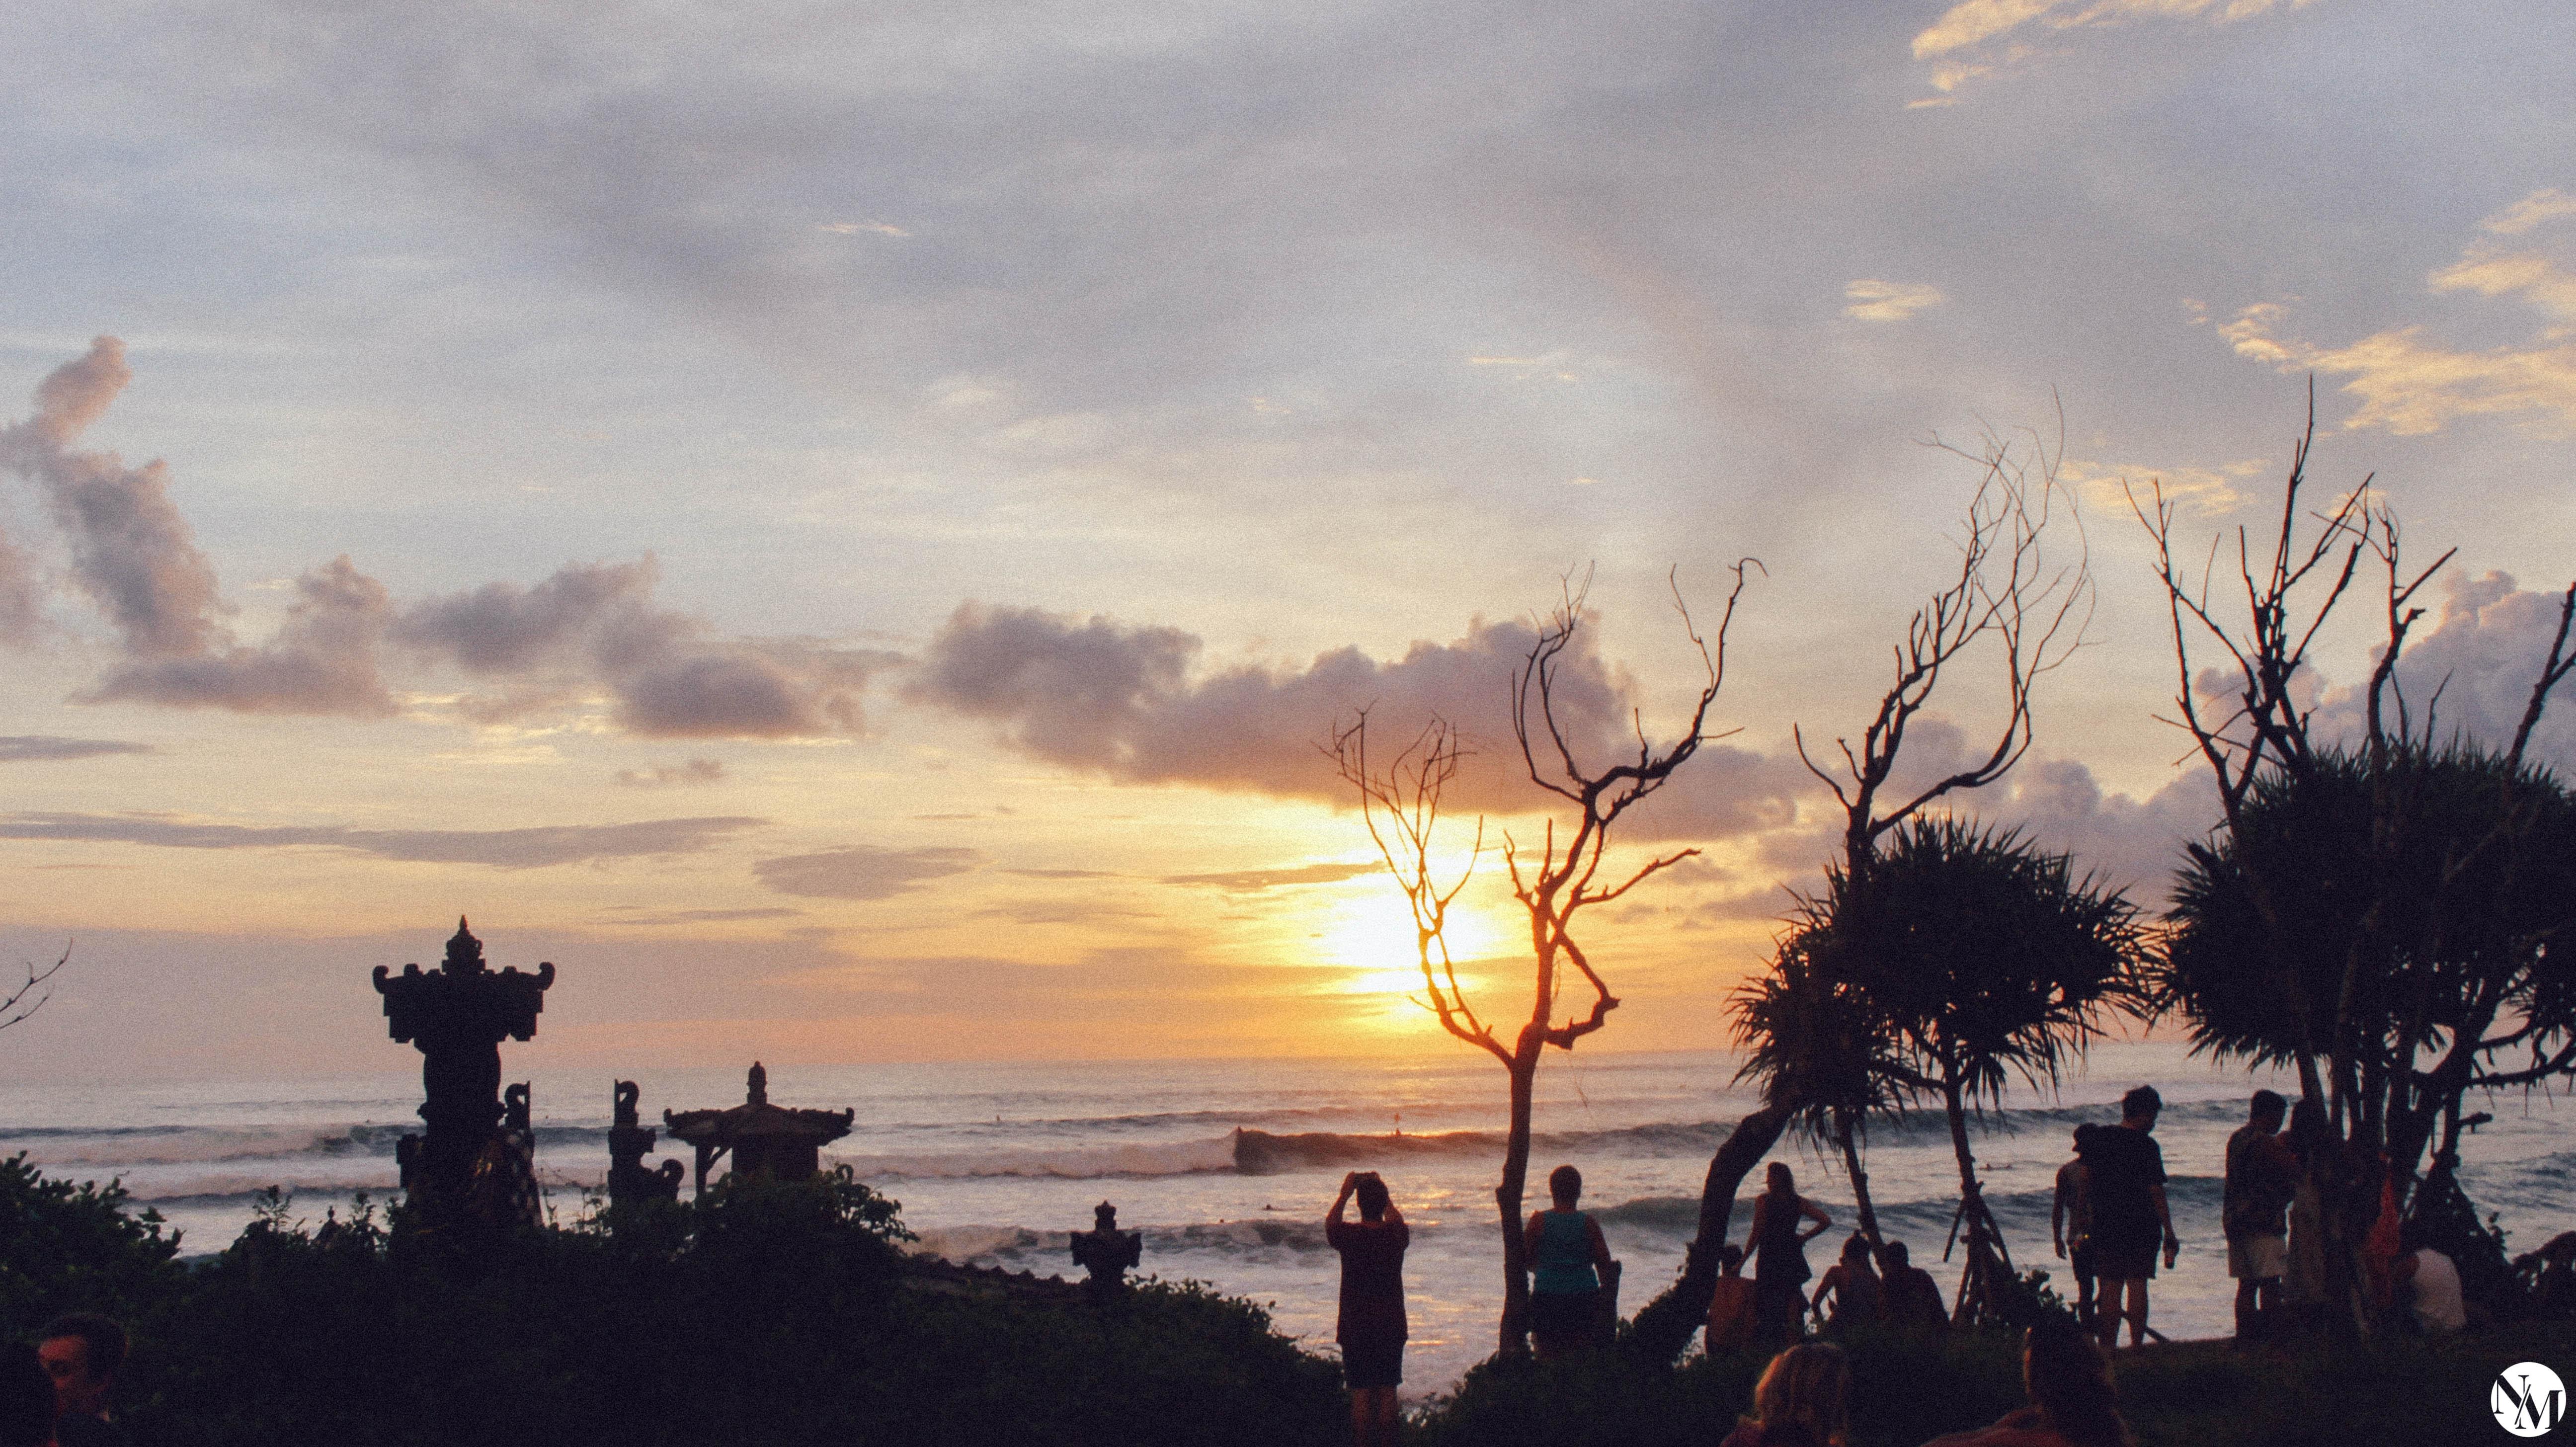 Canggu Bali Travel Guide by Noni May-28